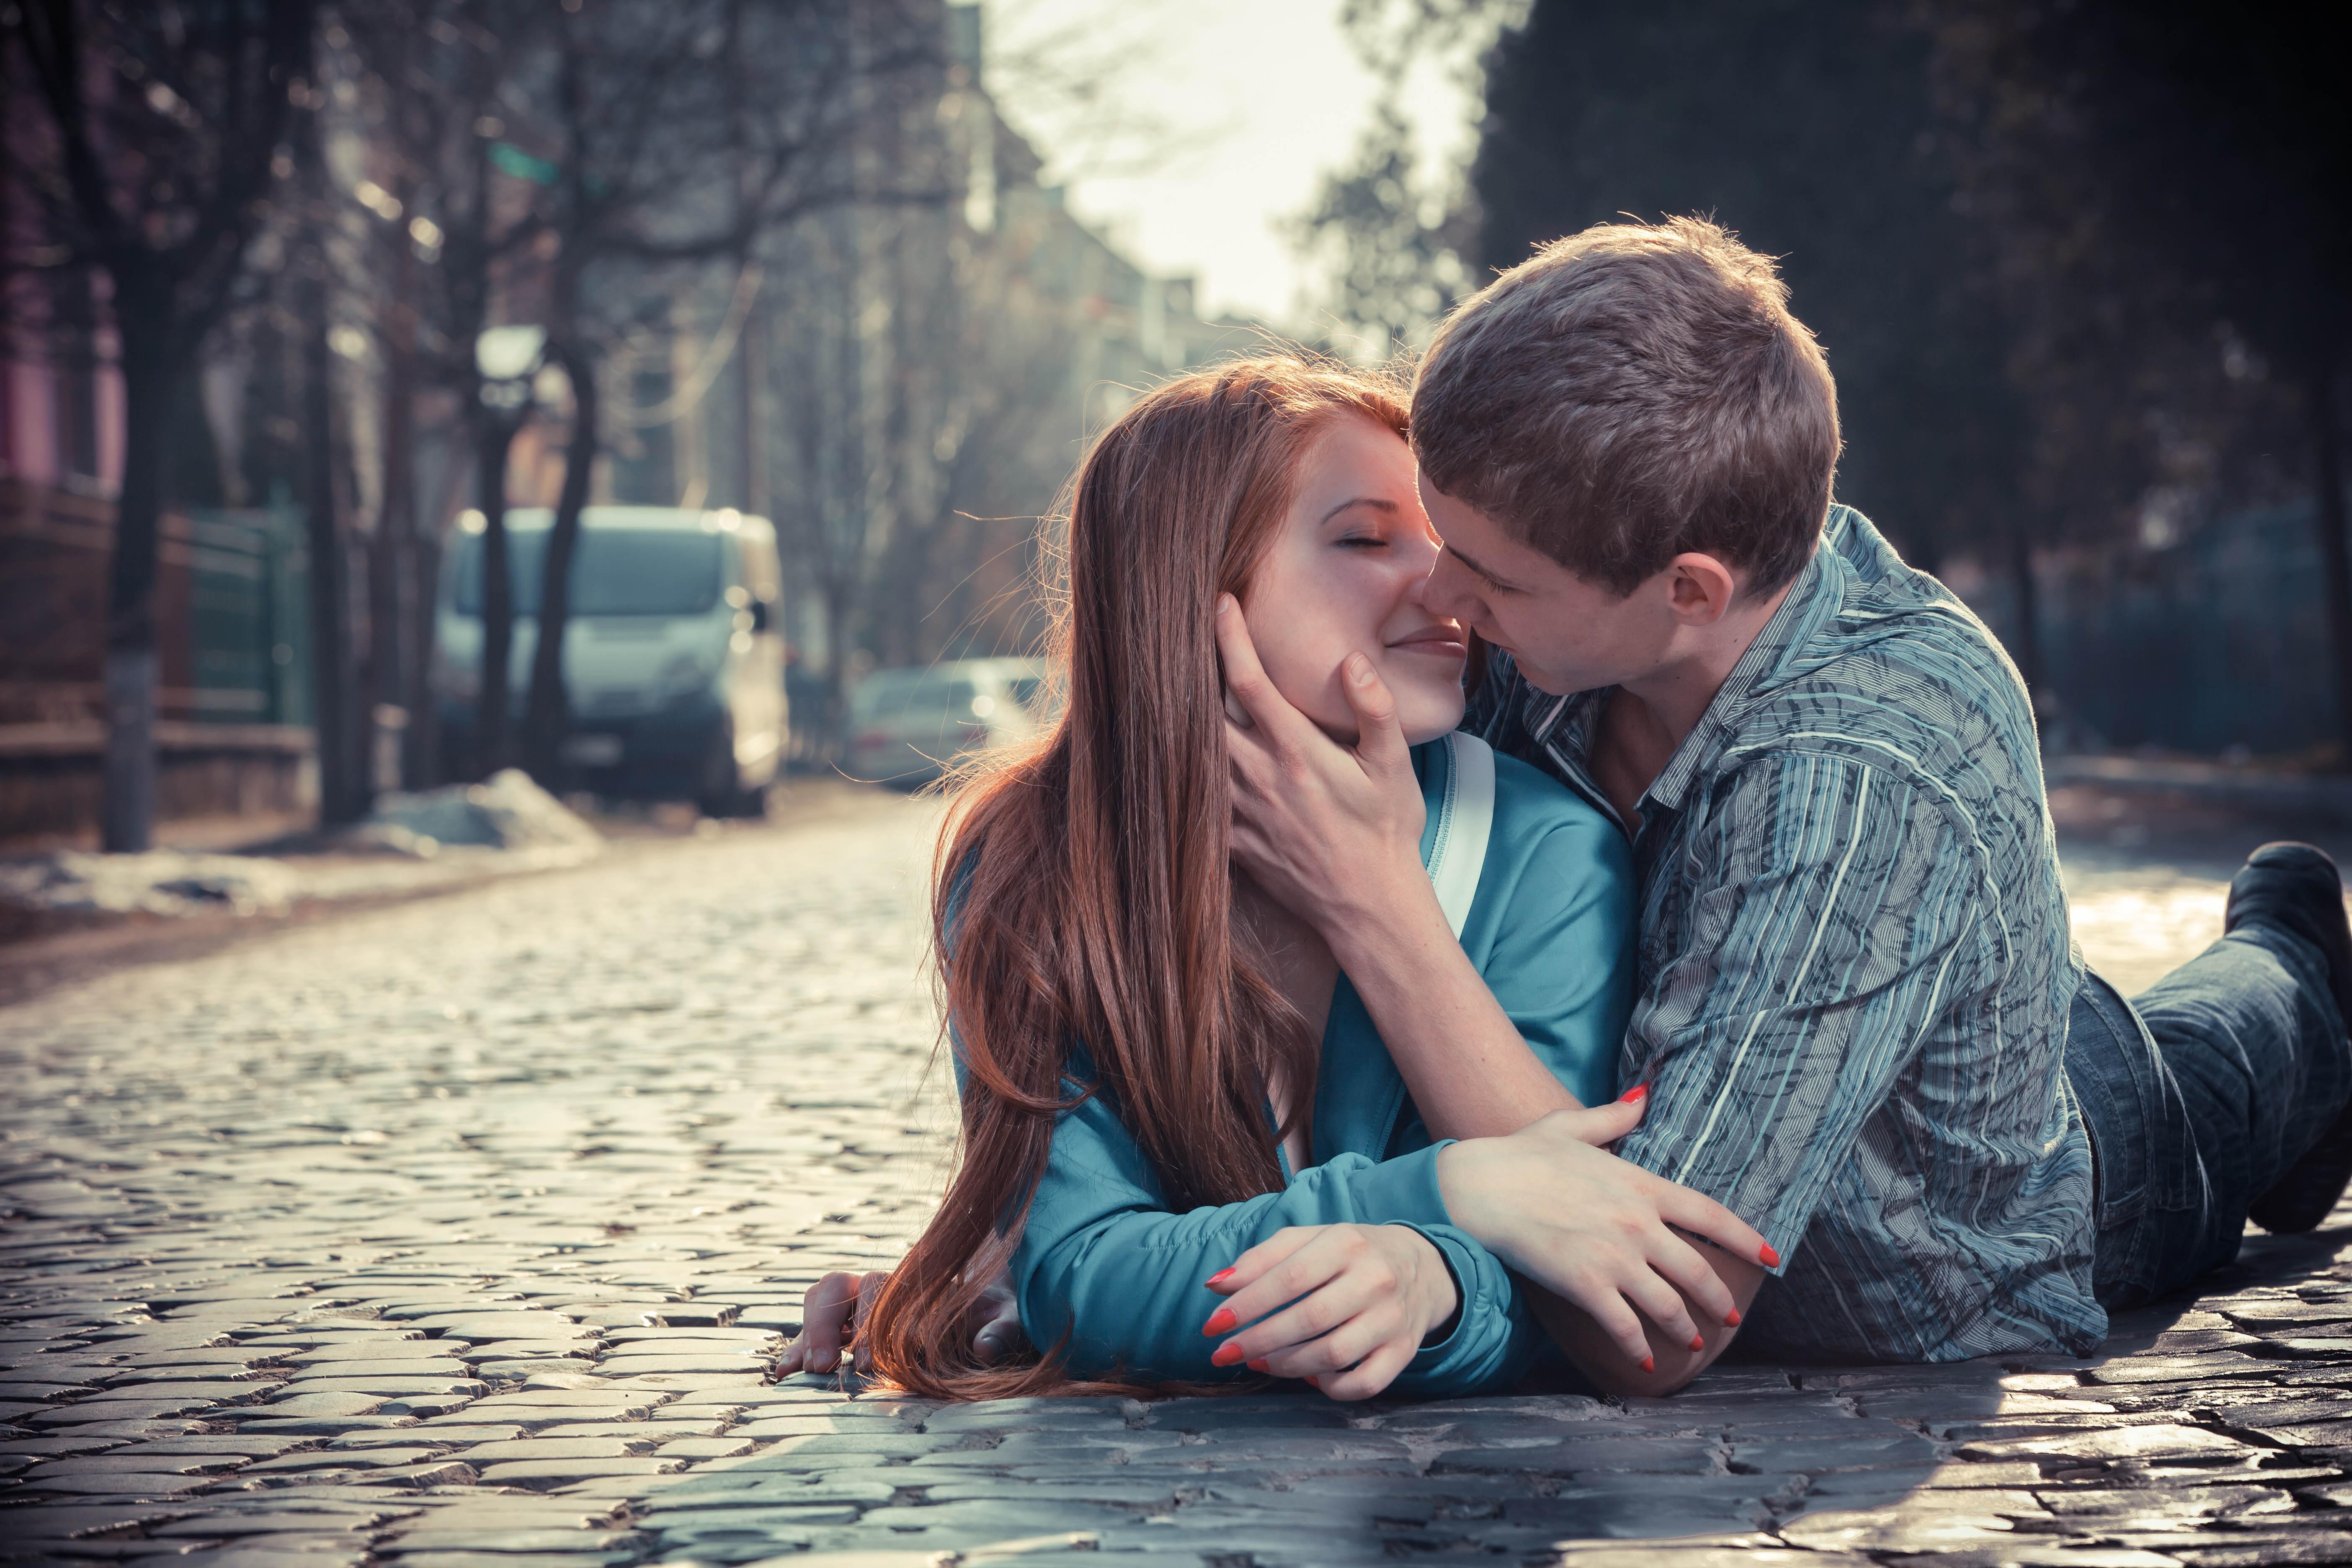 Секс рассказ с девочкой в деревне 20 фотография